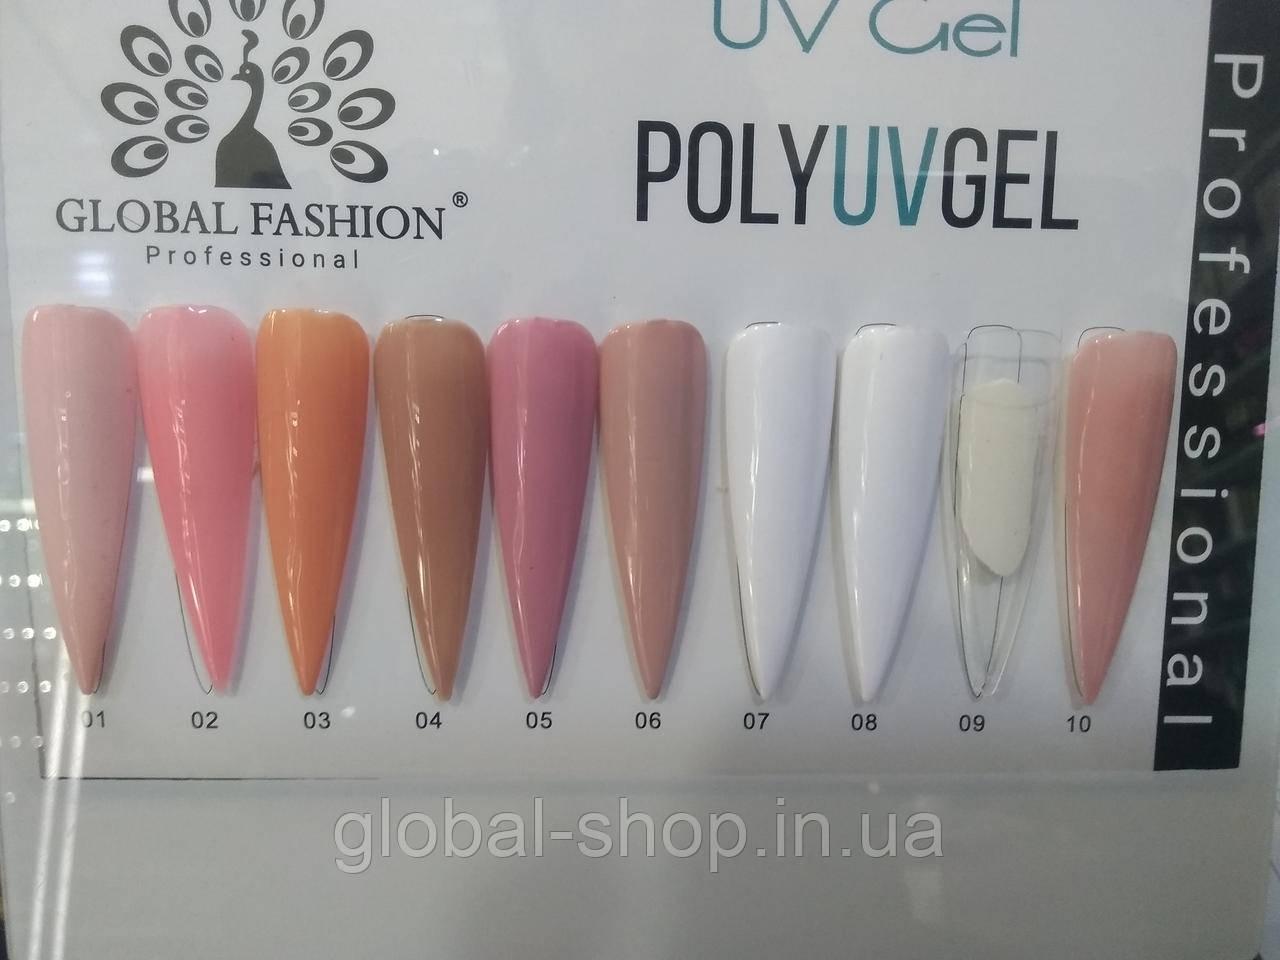 Полигель Global Fashion Poly Uv Gel 30 ml